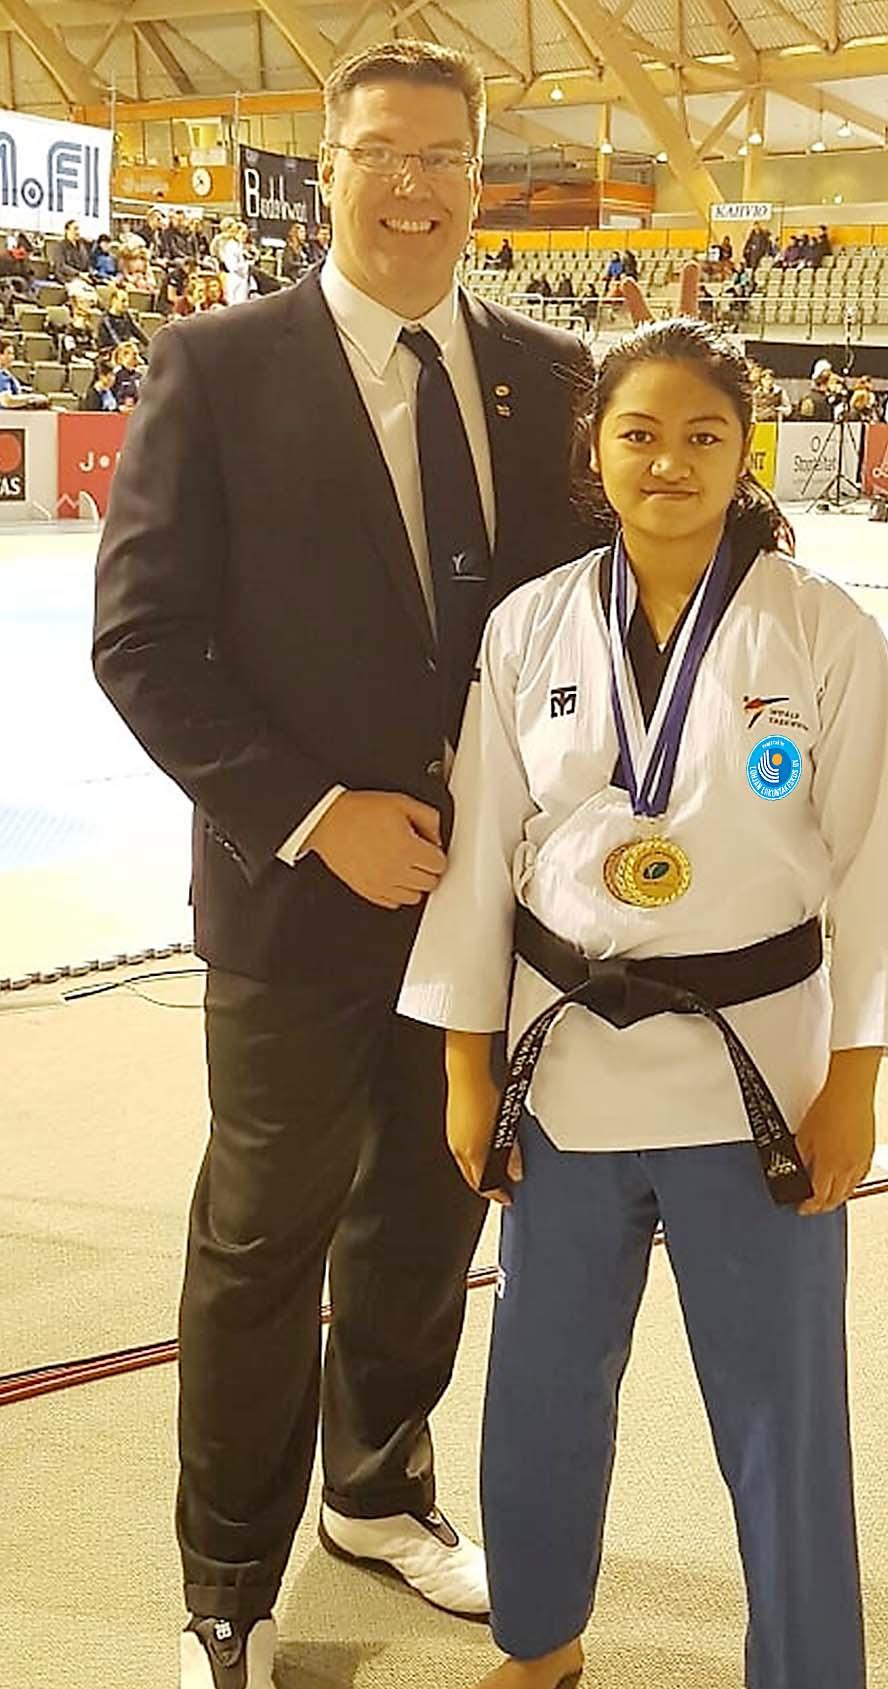 Lohjalaiset tytöt toivat kaksi Suomenmestaruutta Taekwondon SM-kilpailuista 1.2.